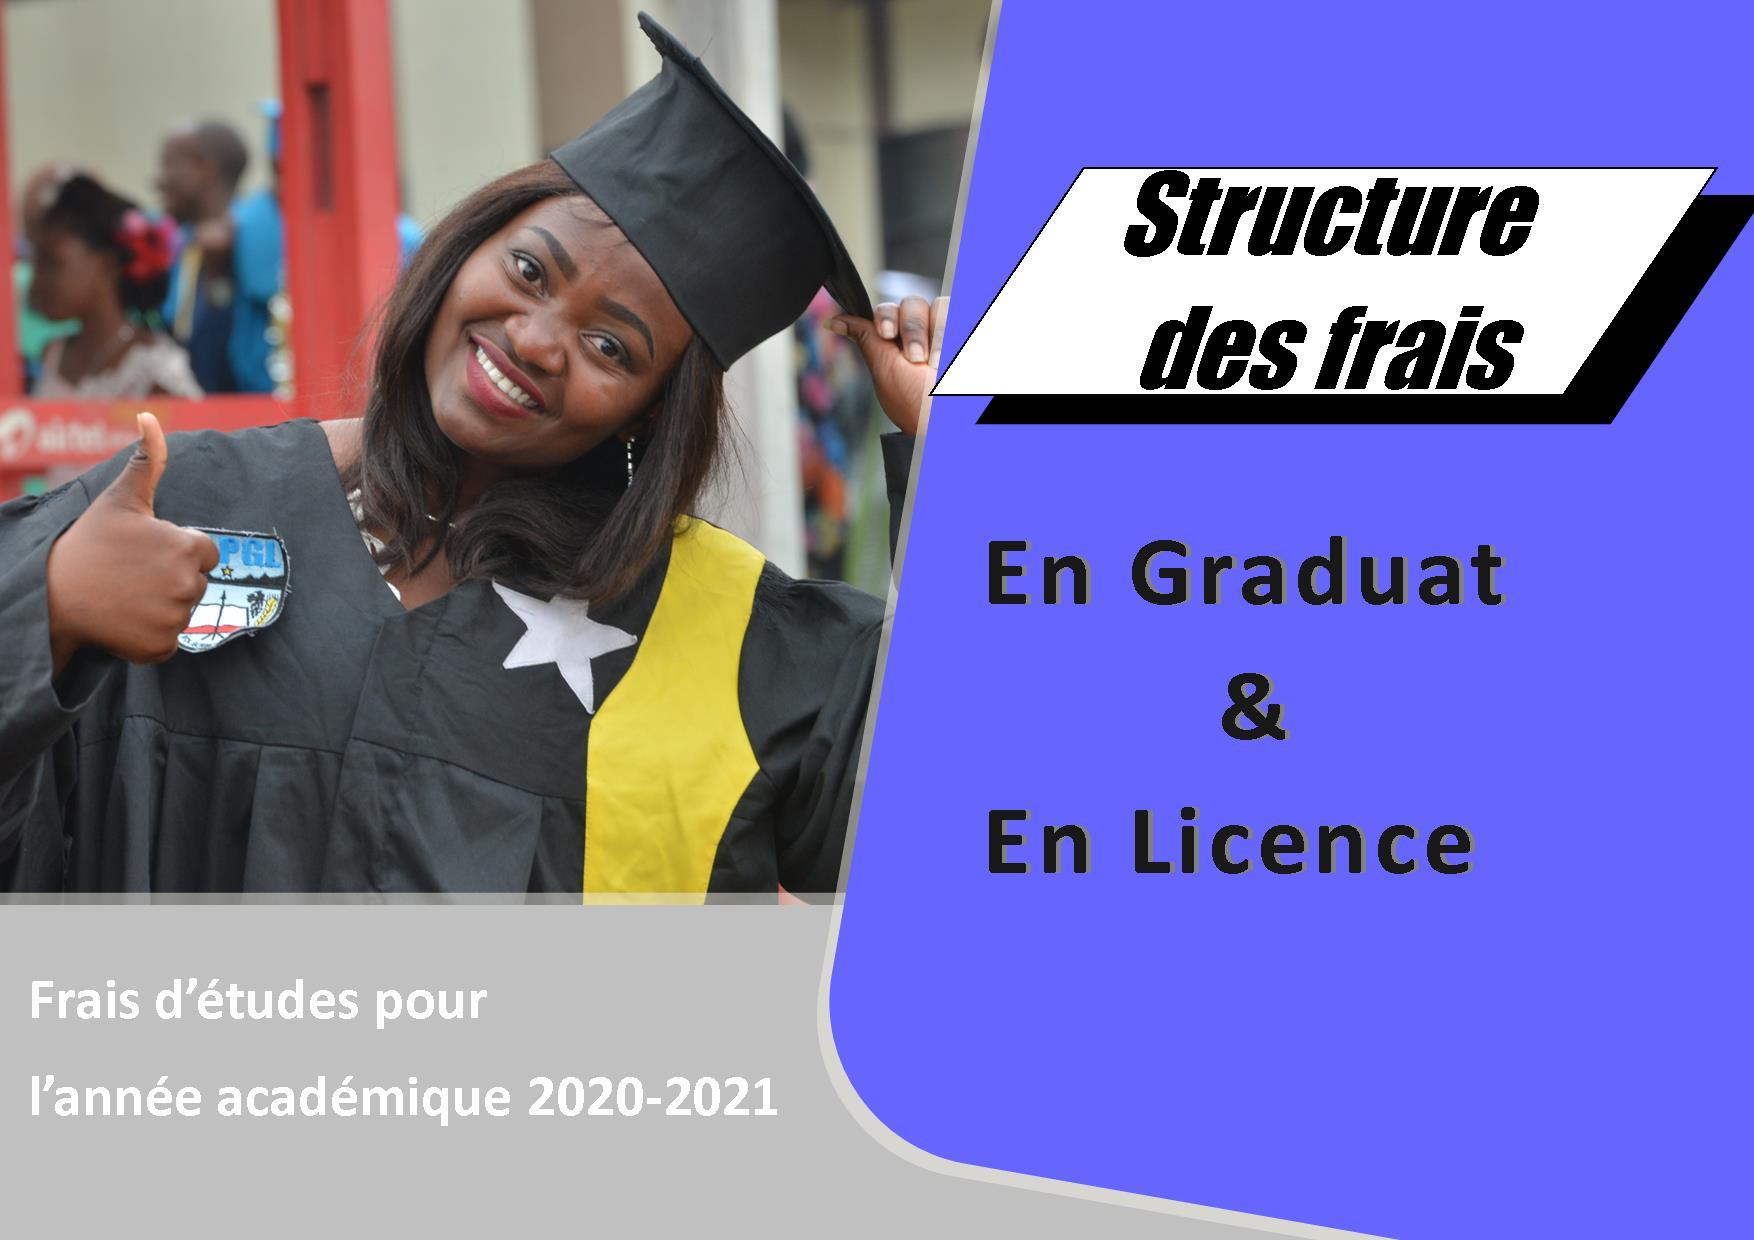 Structure des frais d'études pour l'année académique 2020-2021, en graduat et licence